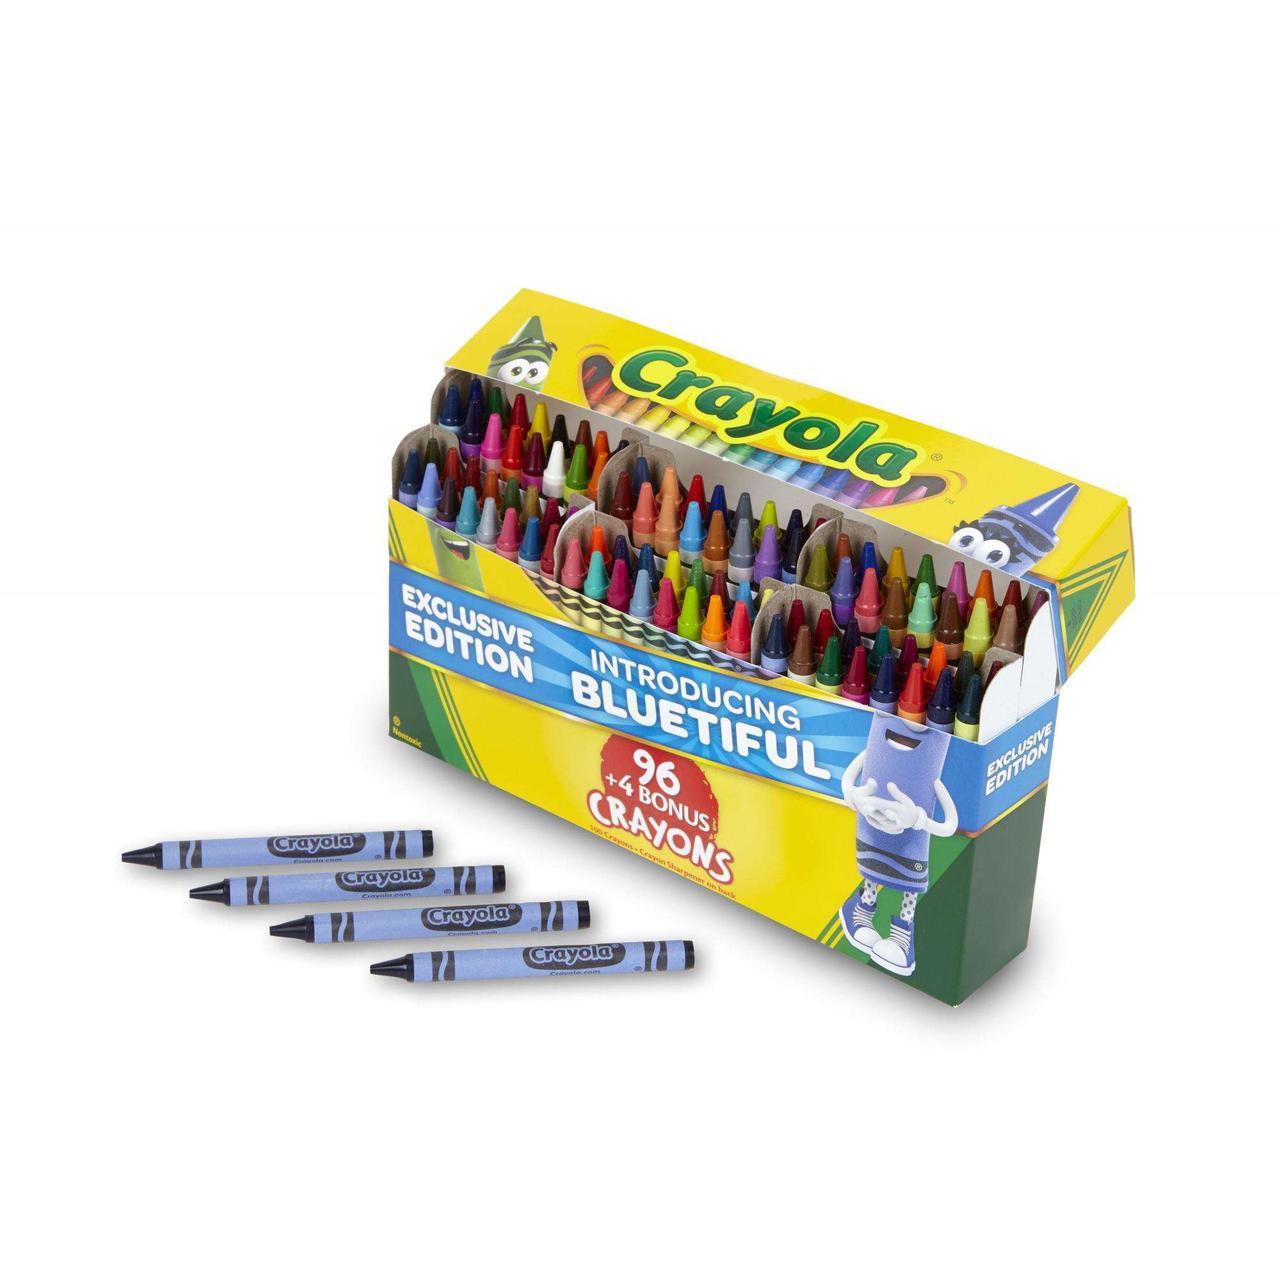 Crayola Набор восковых карандашей 96+4 (100 штук), точилка. Уникальные цвета Color 100 ct. Crayon Box